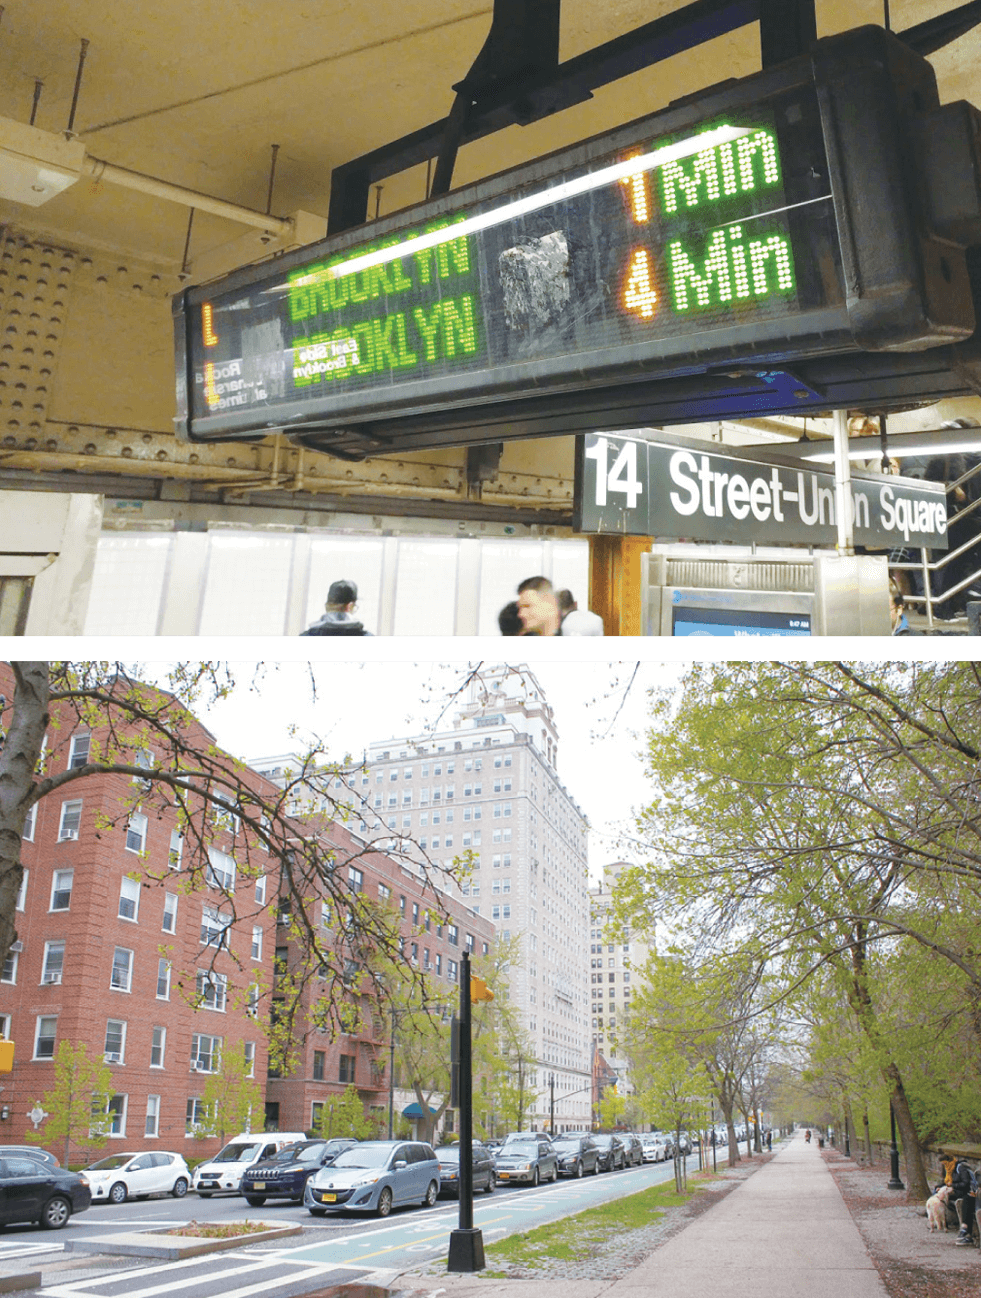 위: 브루클린행 전철이 떠나는 맨해튼 유니온 스퀘어 역 / 아래: 소설가들의 도시 브루클린 ⓒ다산북스